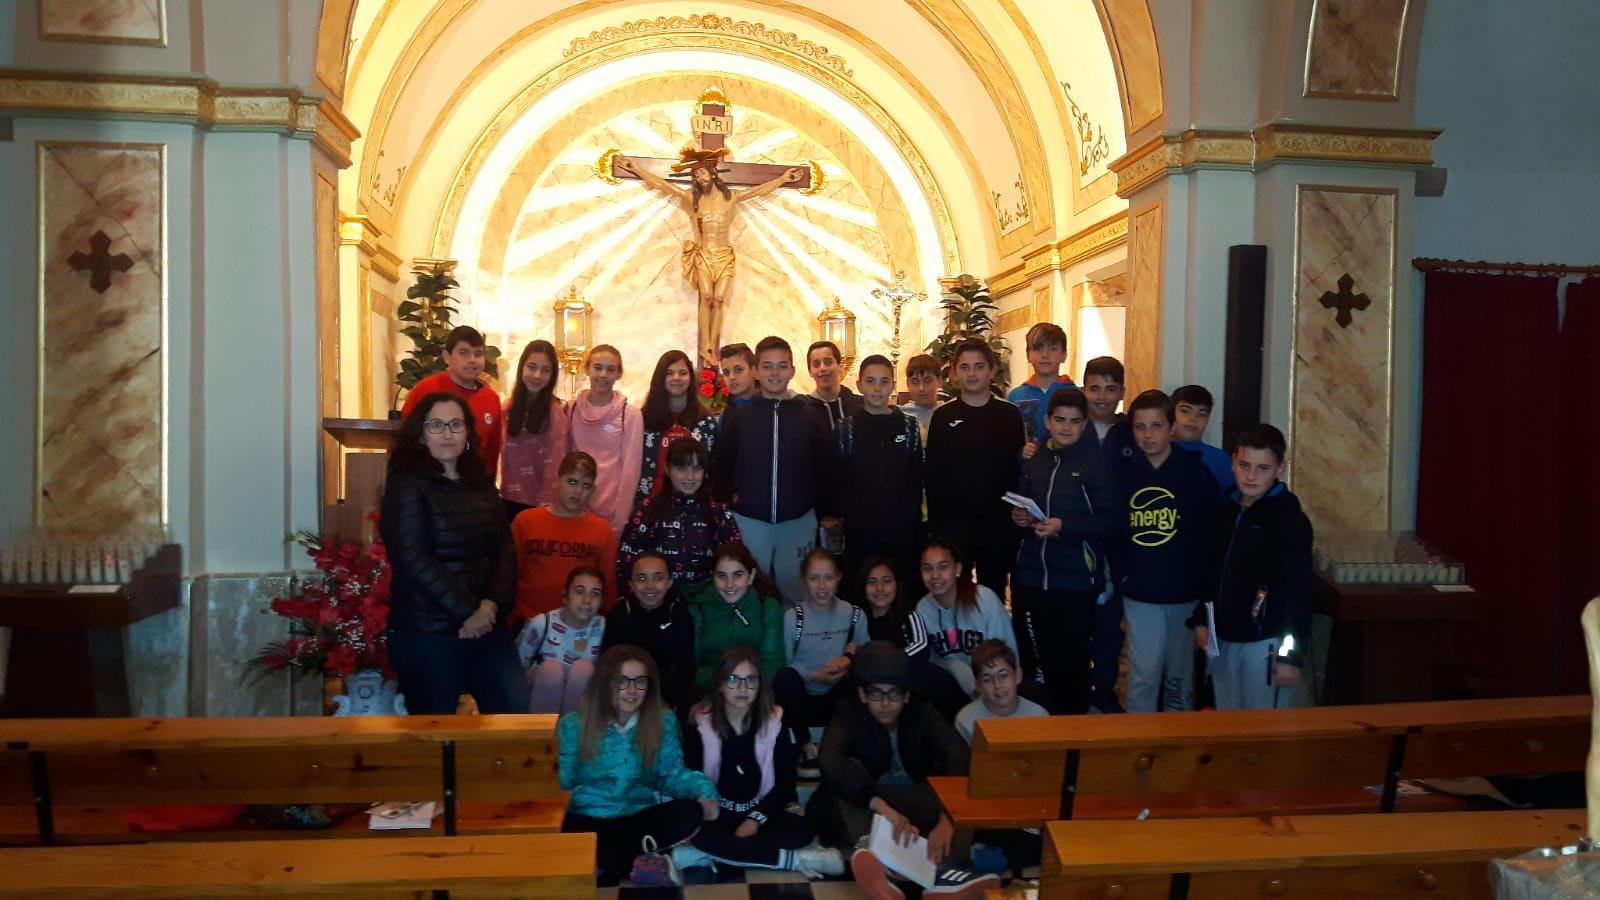 (2019-04-11) Visita ermita alumnos Pilar - 6 primaria -  9 de Octubre - María Isabel Berenguer (05)